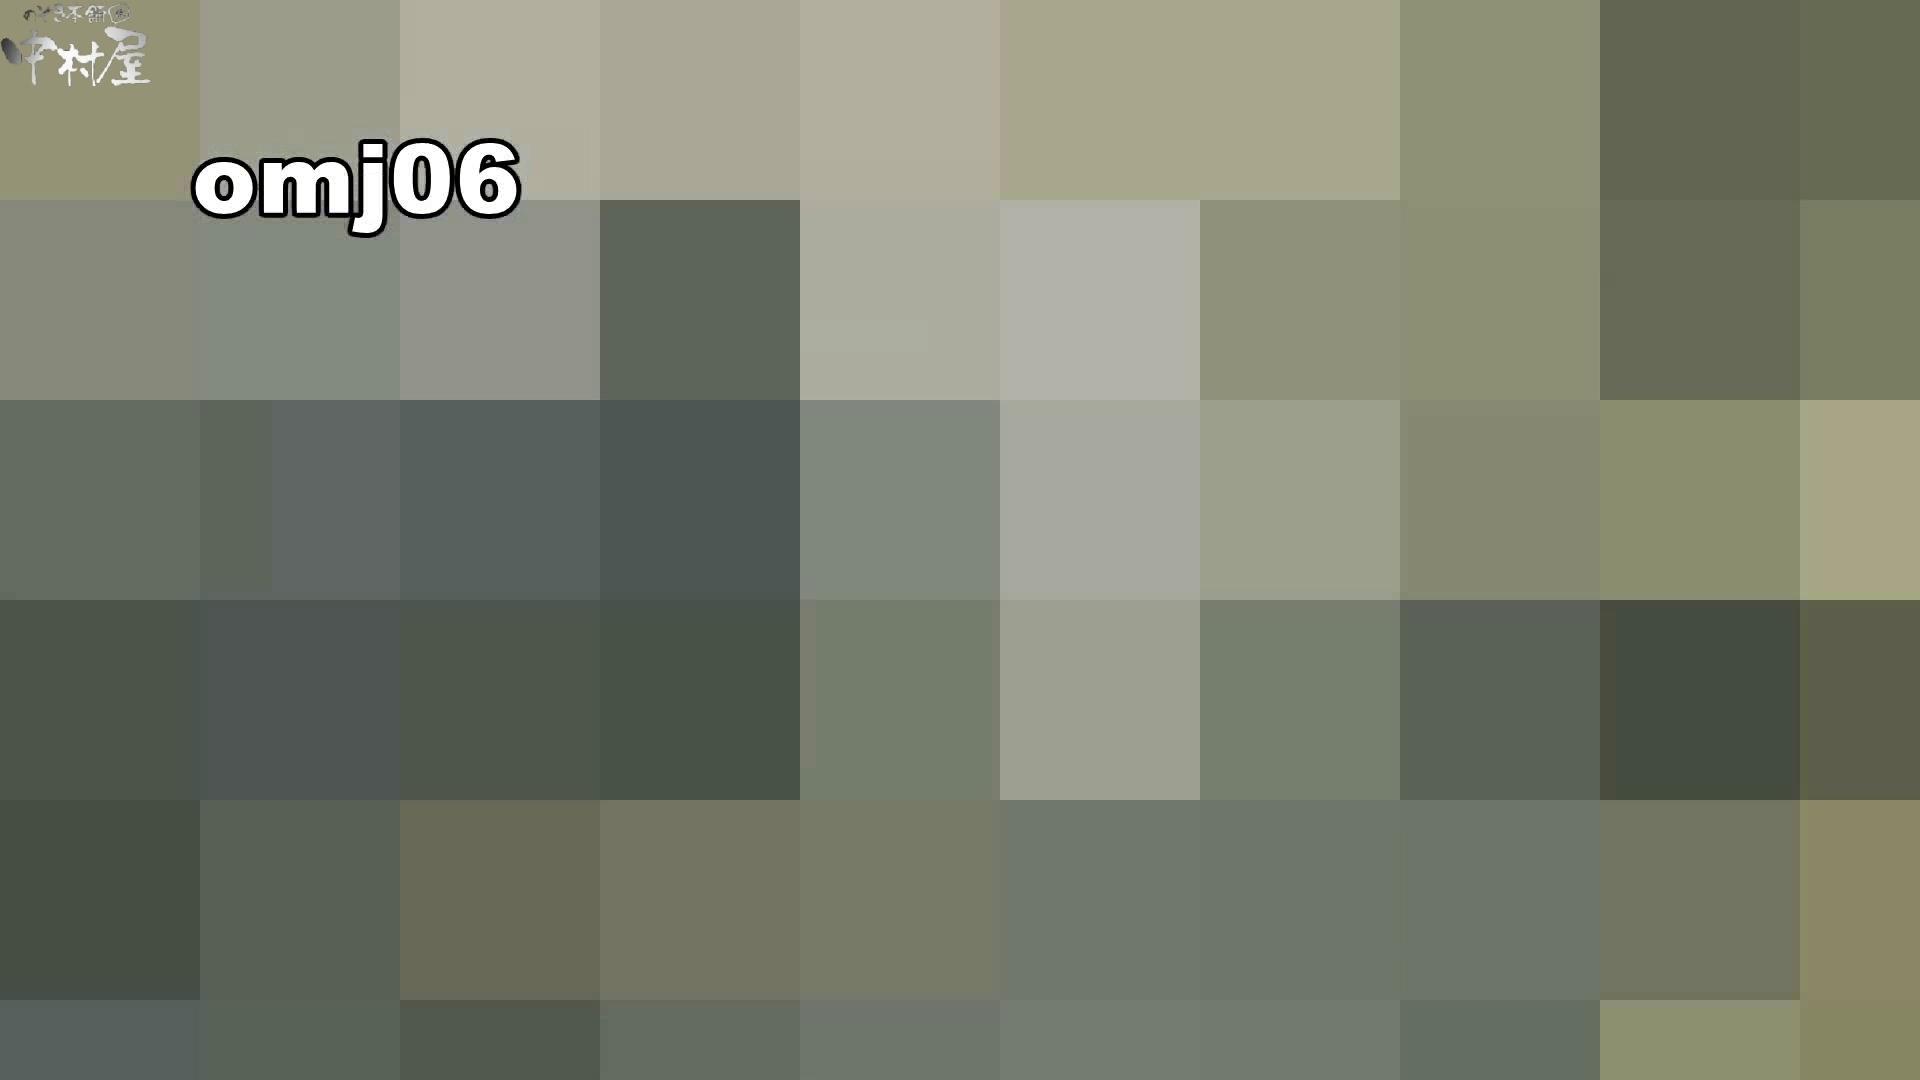 お市さんの「お尻丸出しジャンボリー」No.06 覗き放題 盗み撮りAV無料動画キャプチャ 49画像 12